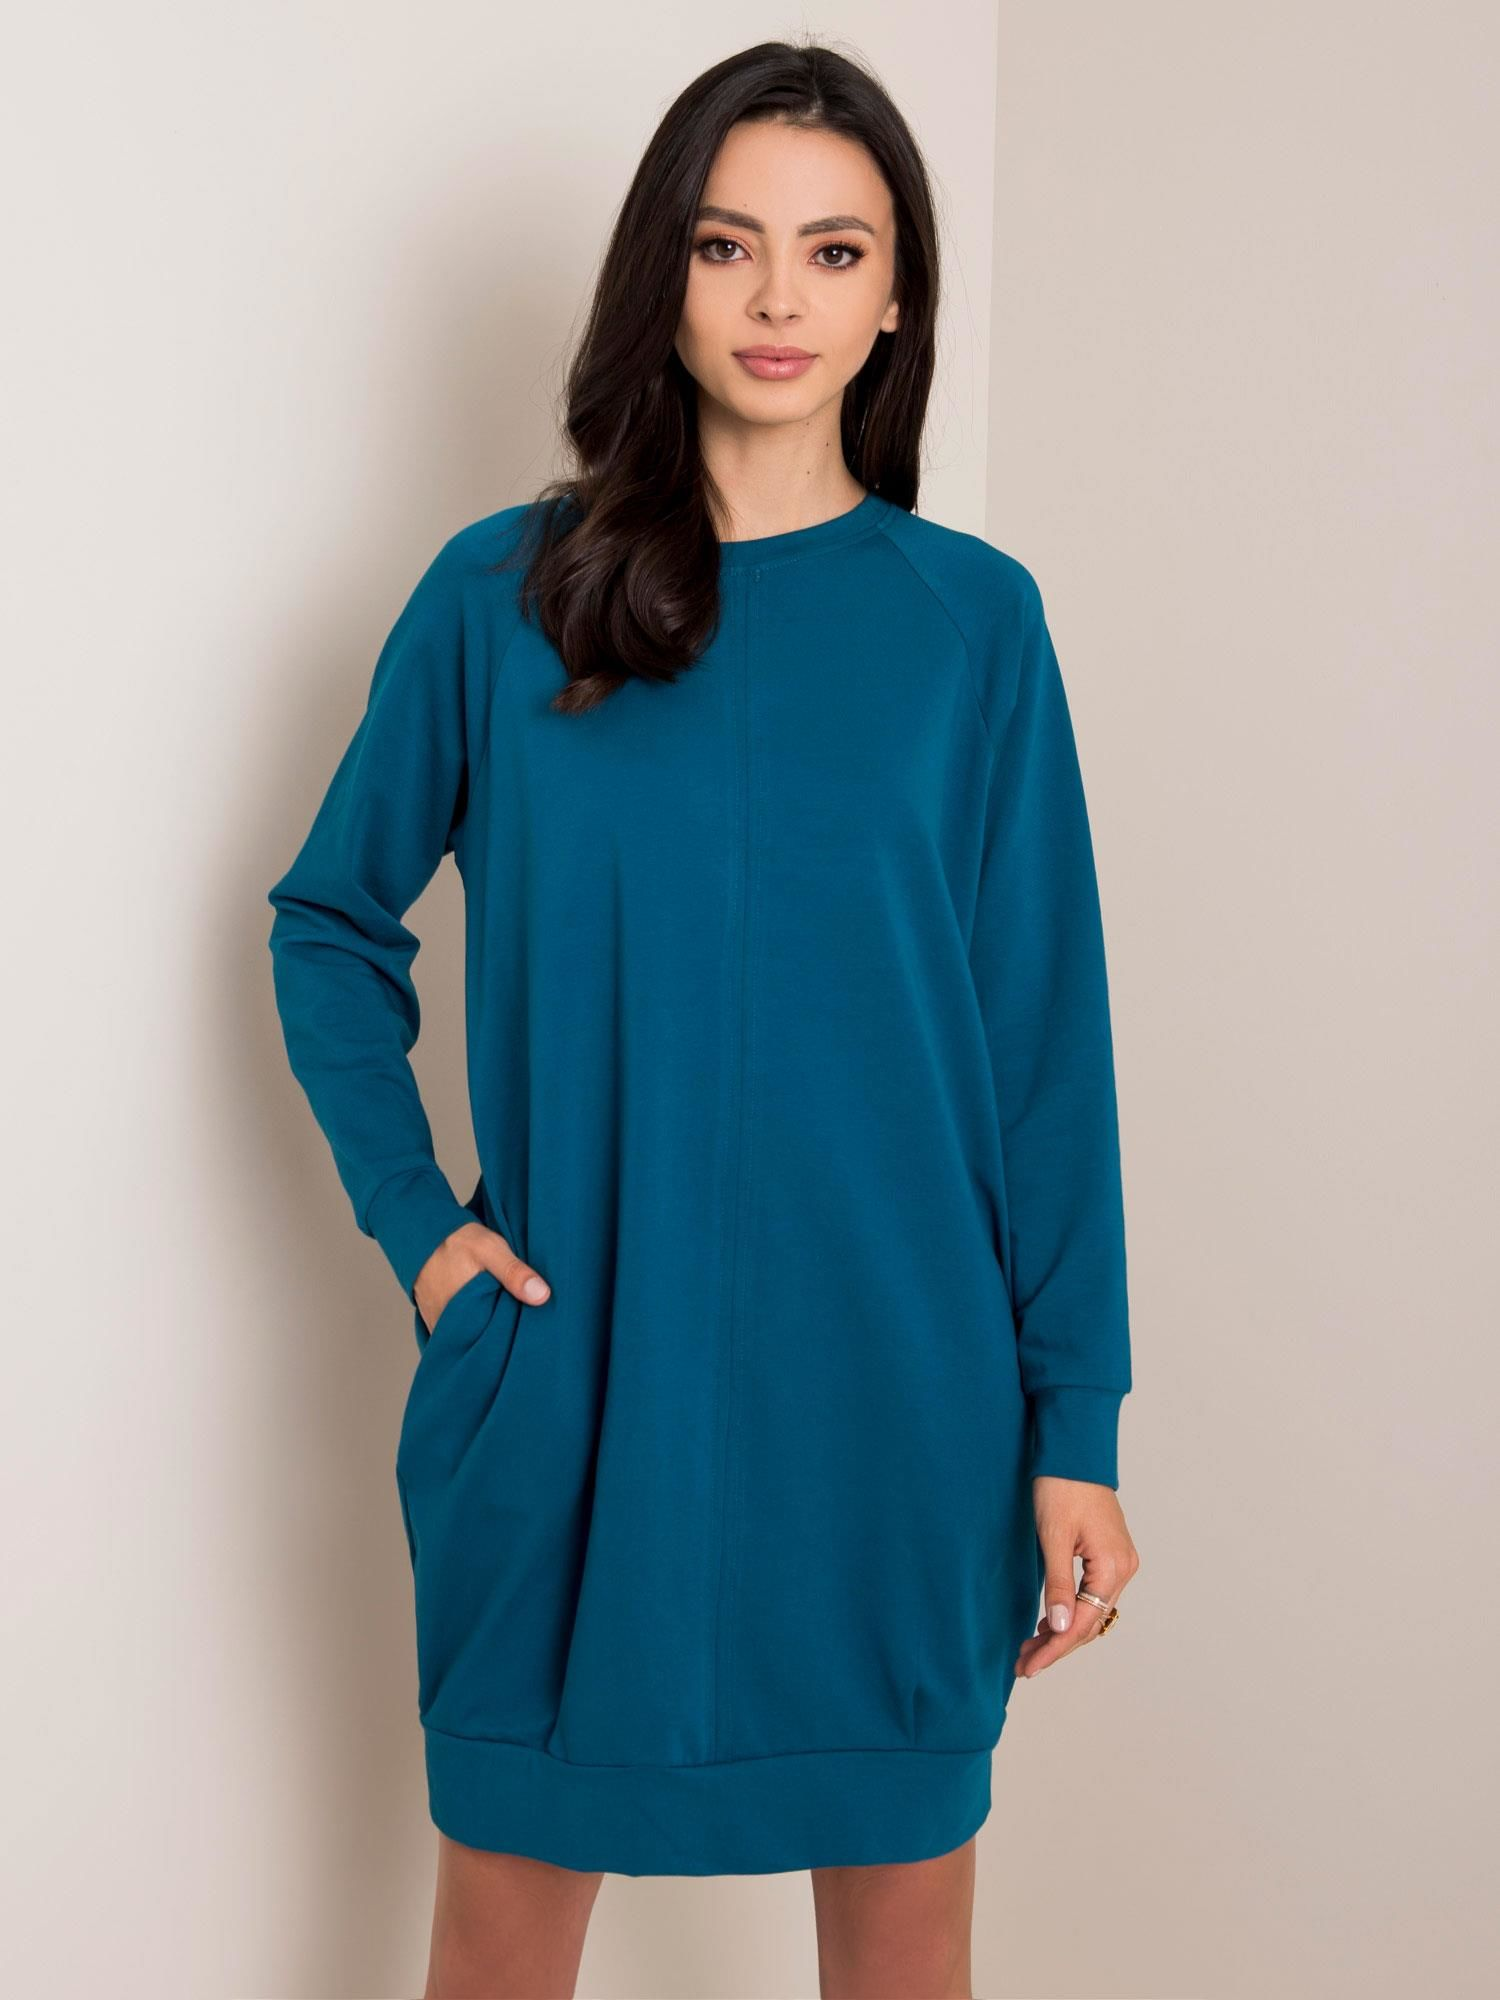 Tmavomodré bavlnené šaty s dlhým rukávom - S/M